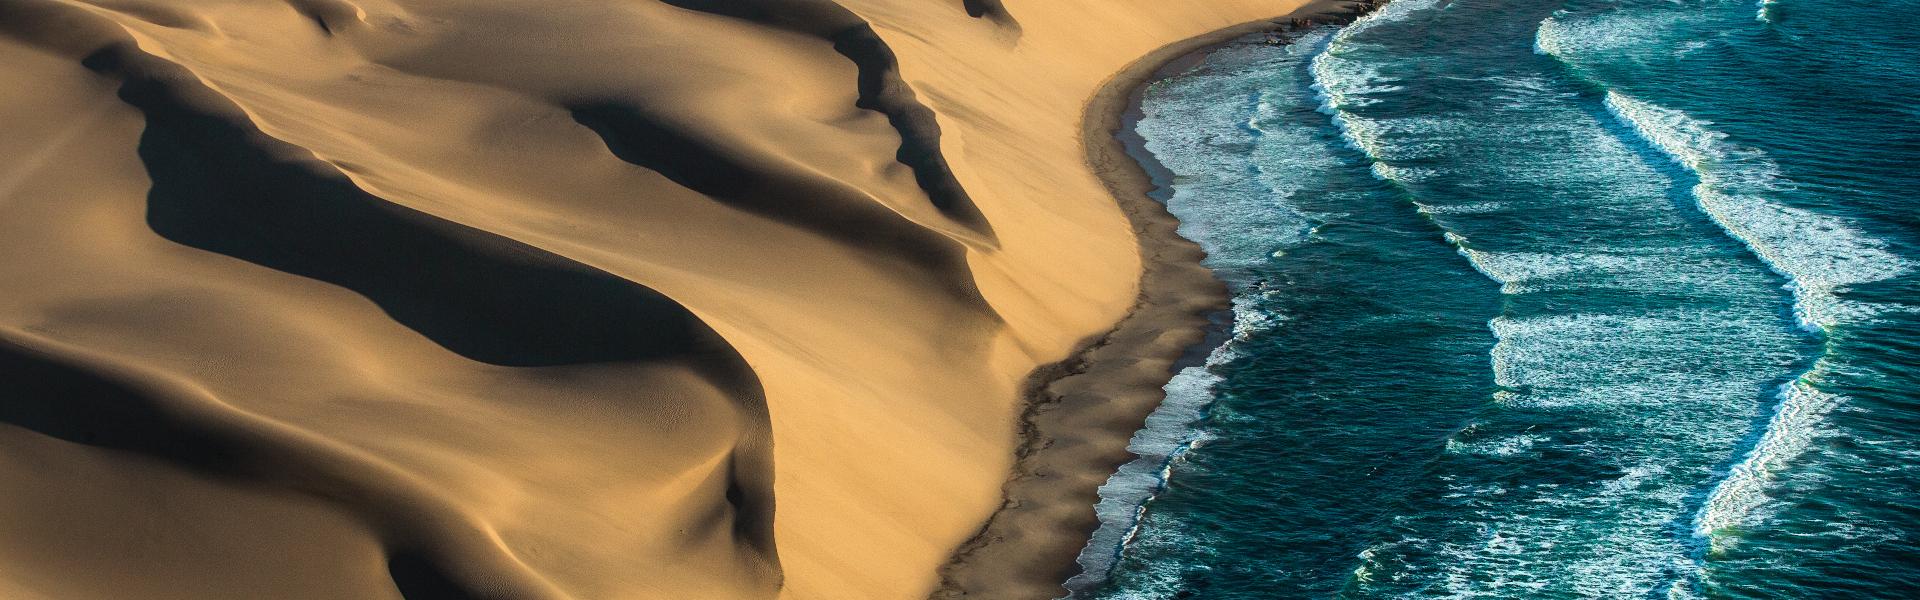 Namibia authentisch